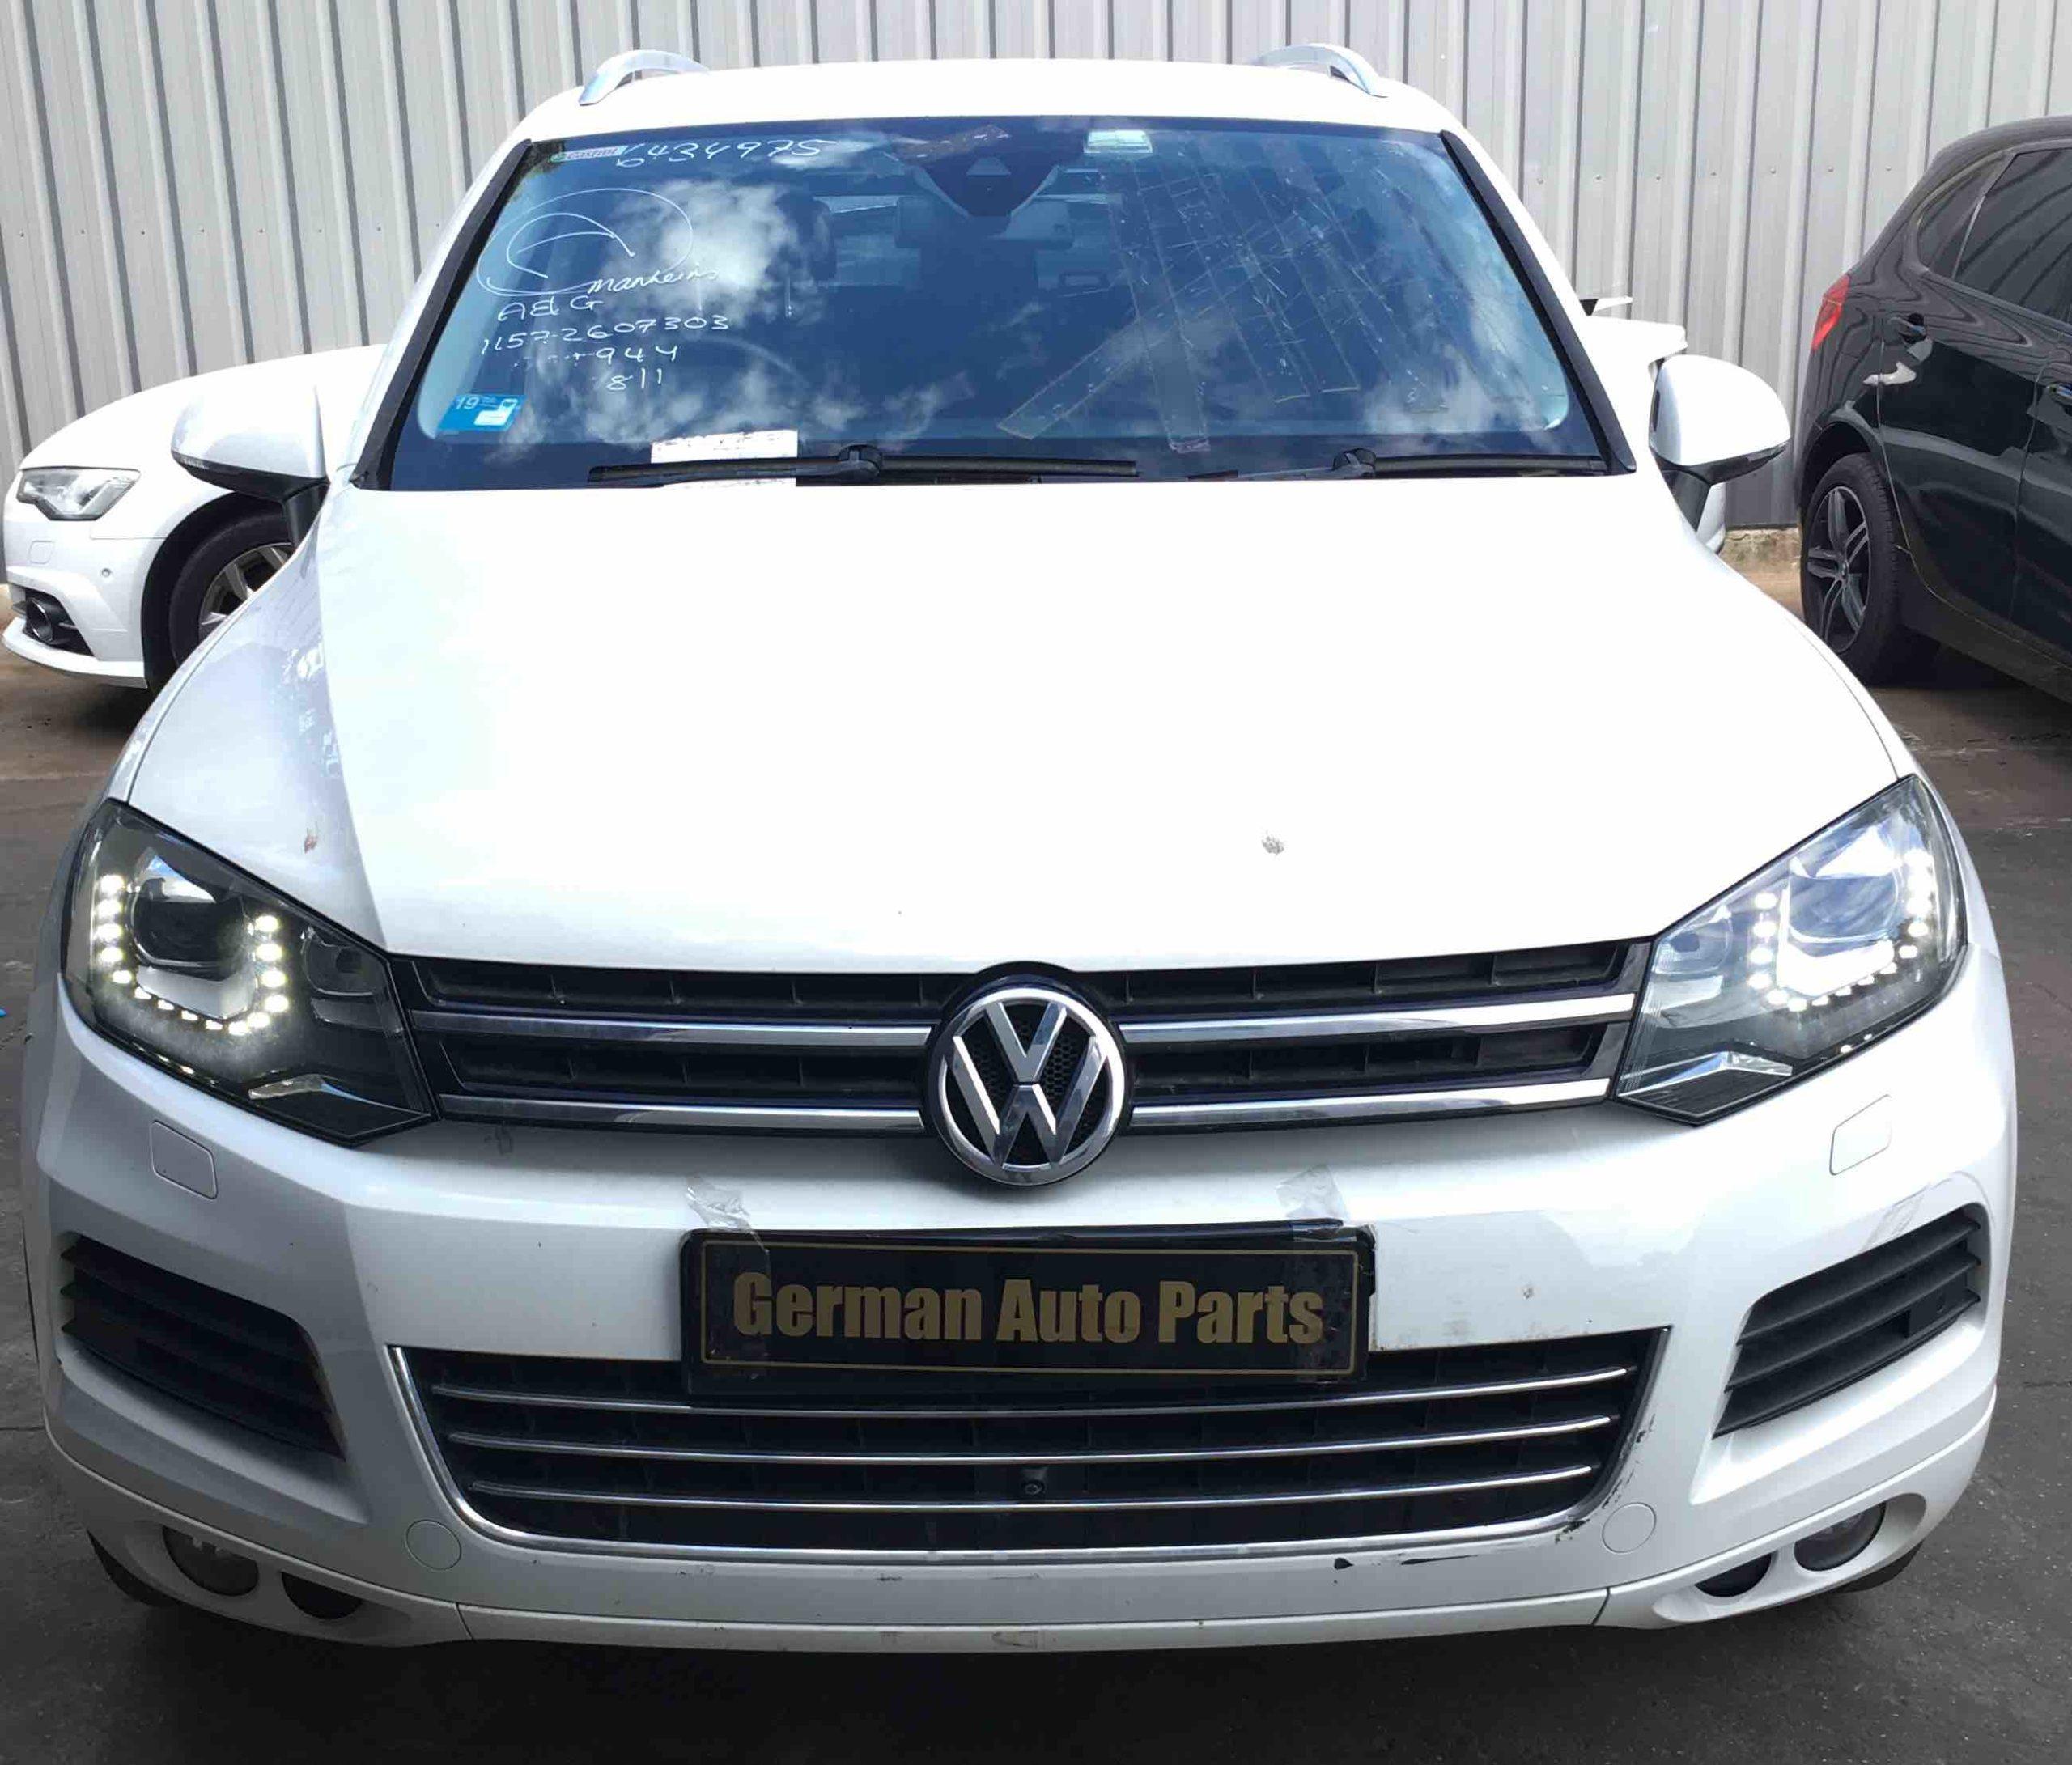 WRECKNG VW TOUAREG 2012